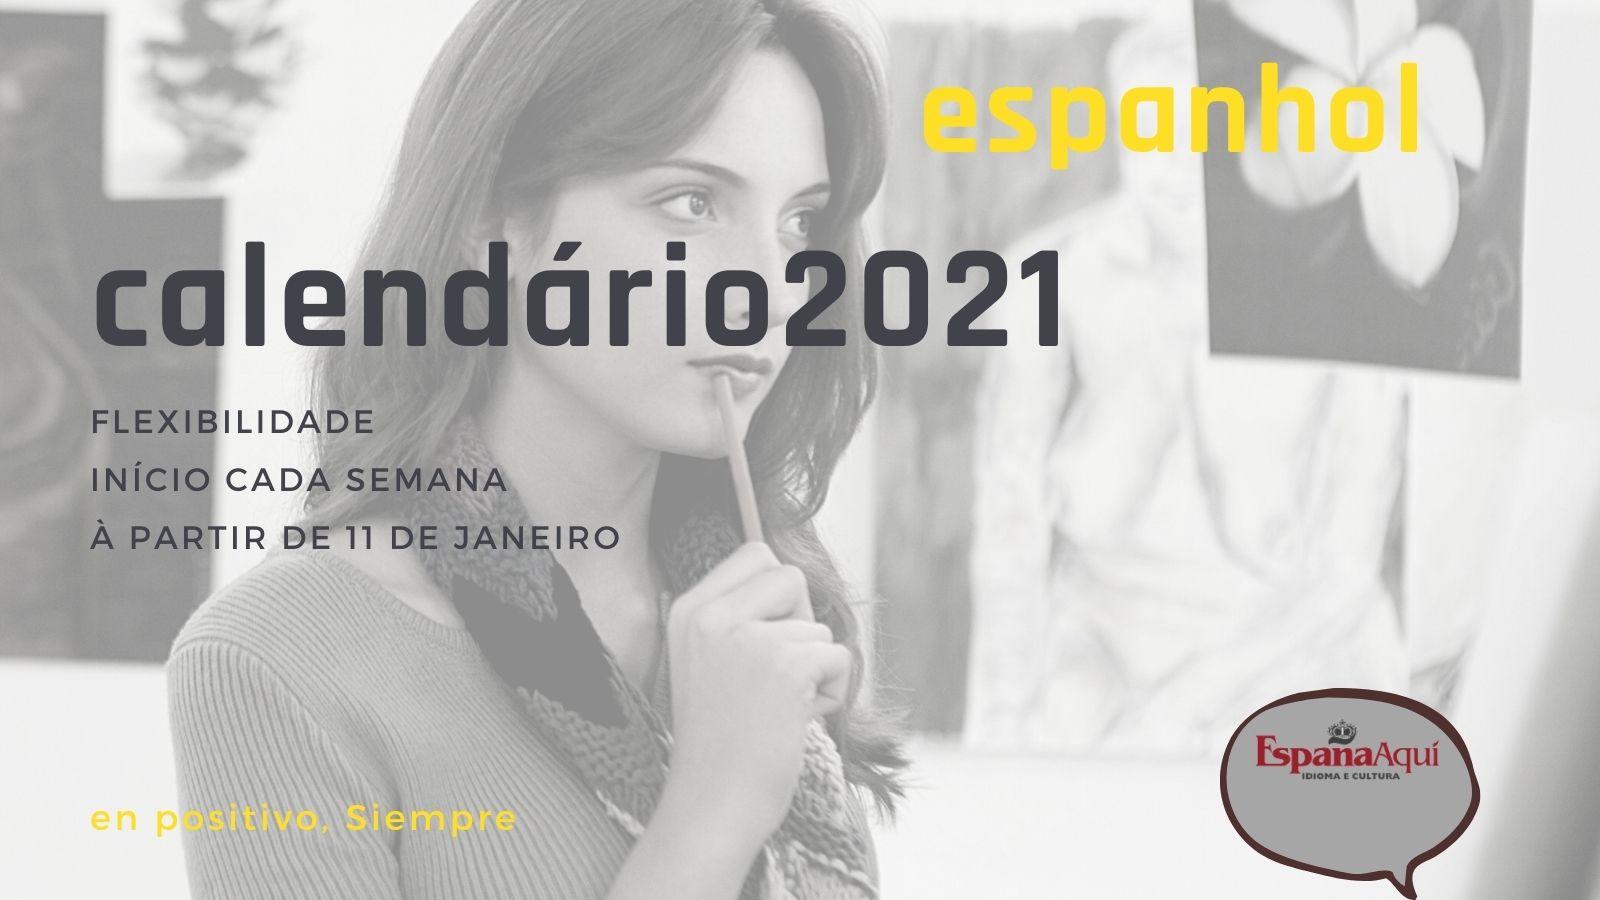 https://www.espanaaqui.com.br/pdf/fevereiro%202021/C%c3%b3pia%20de%20C%c3%b3pia%20de%20o%20melhor%20da%20Espa%c3%b1aAqu%c3%ad.%20%20calend%c3%a1rio%20def.jpg